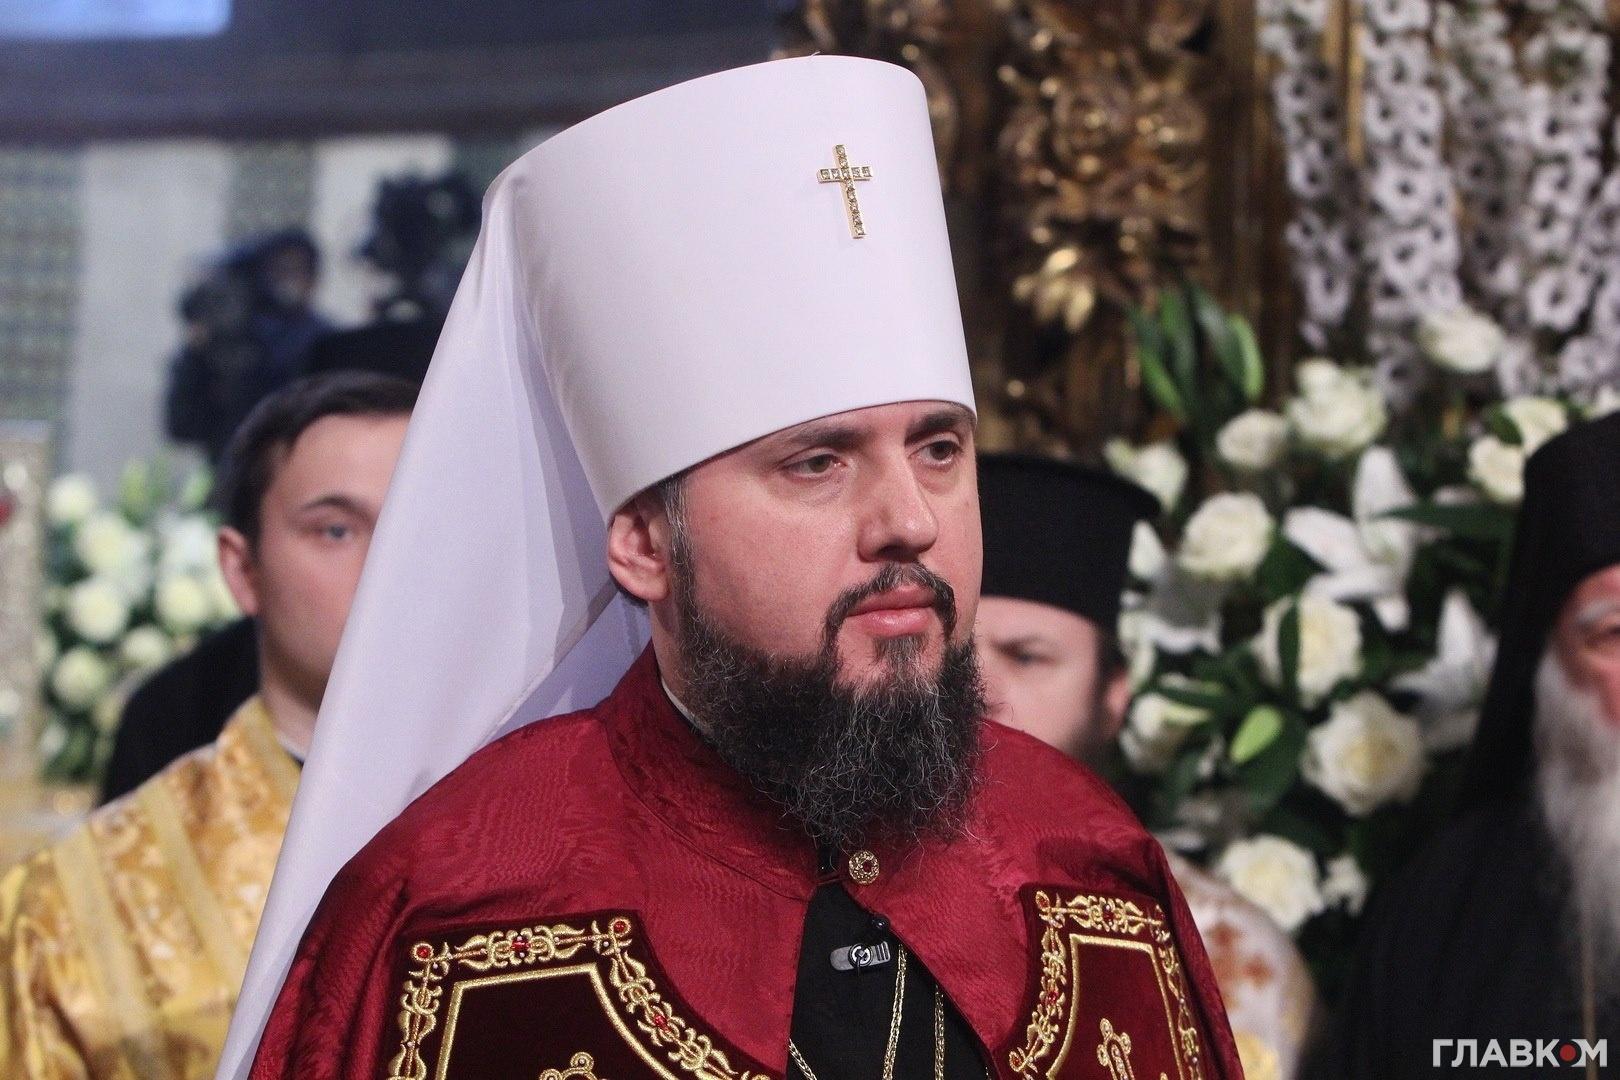 Предстоятель Православної церкви України митрополит Епіфаній